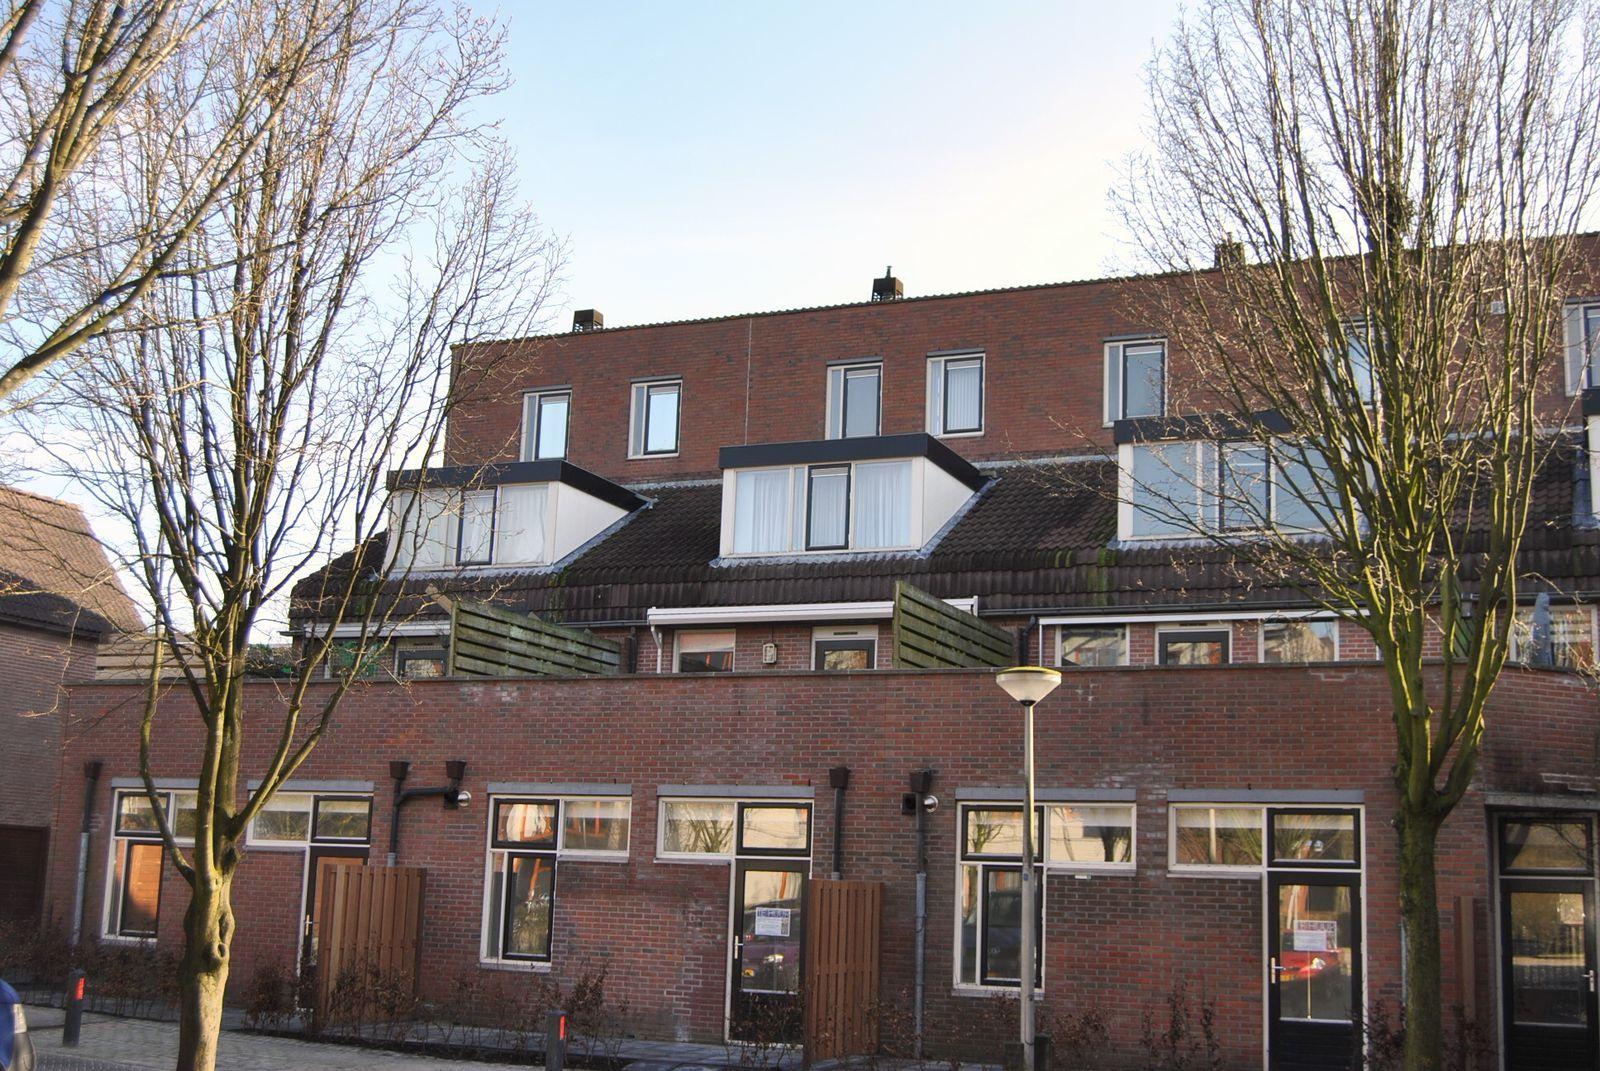 Slotplaats 20, Huizen